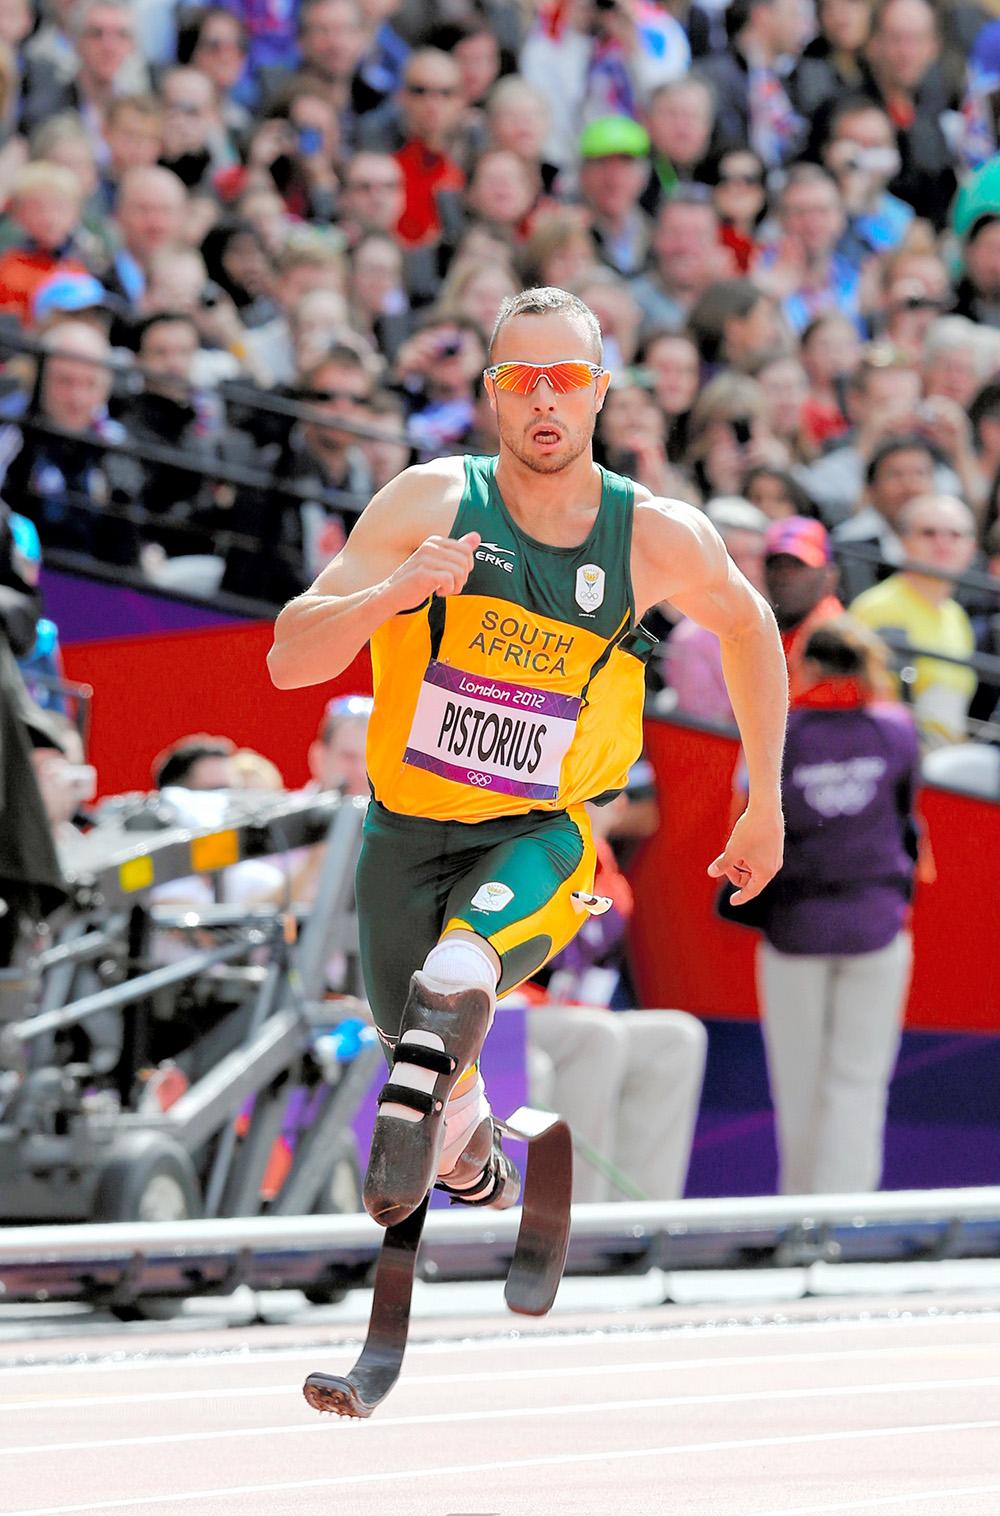 写真・図版 : 2012年夏のロンドン・オリンピック予選に出場したオスカー・ピストリウス選手=矢木隆晴撮影